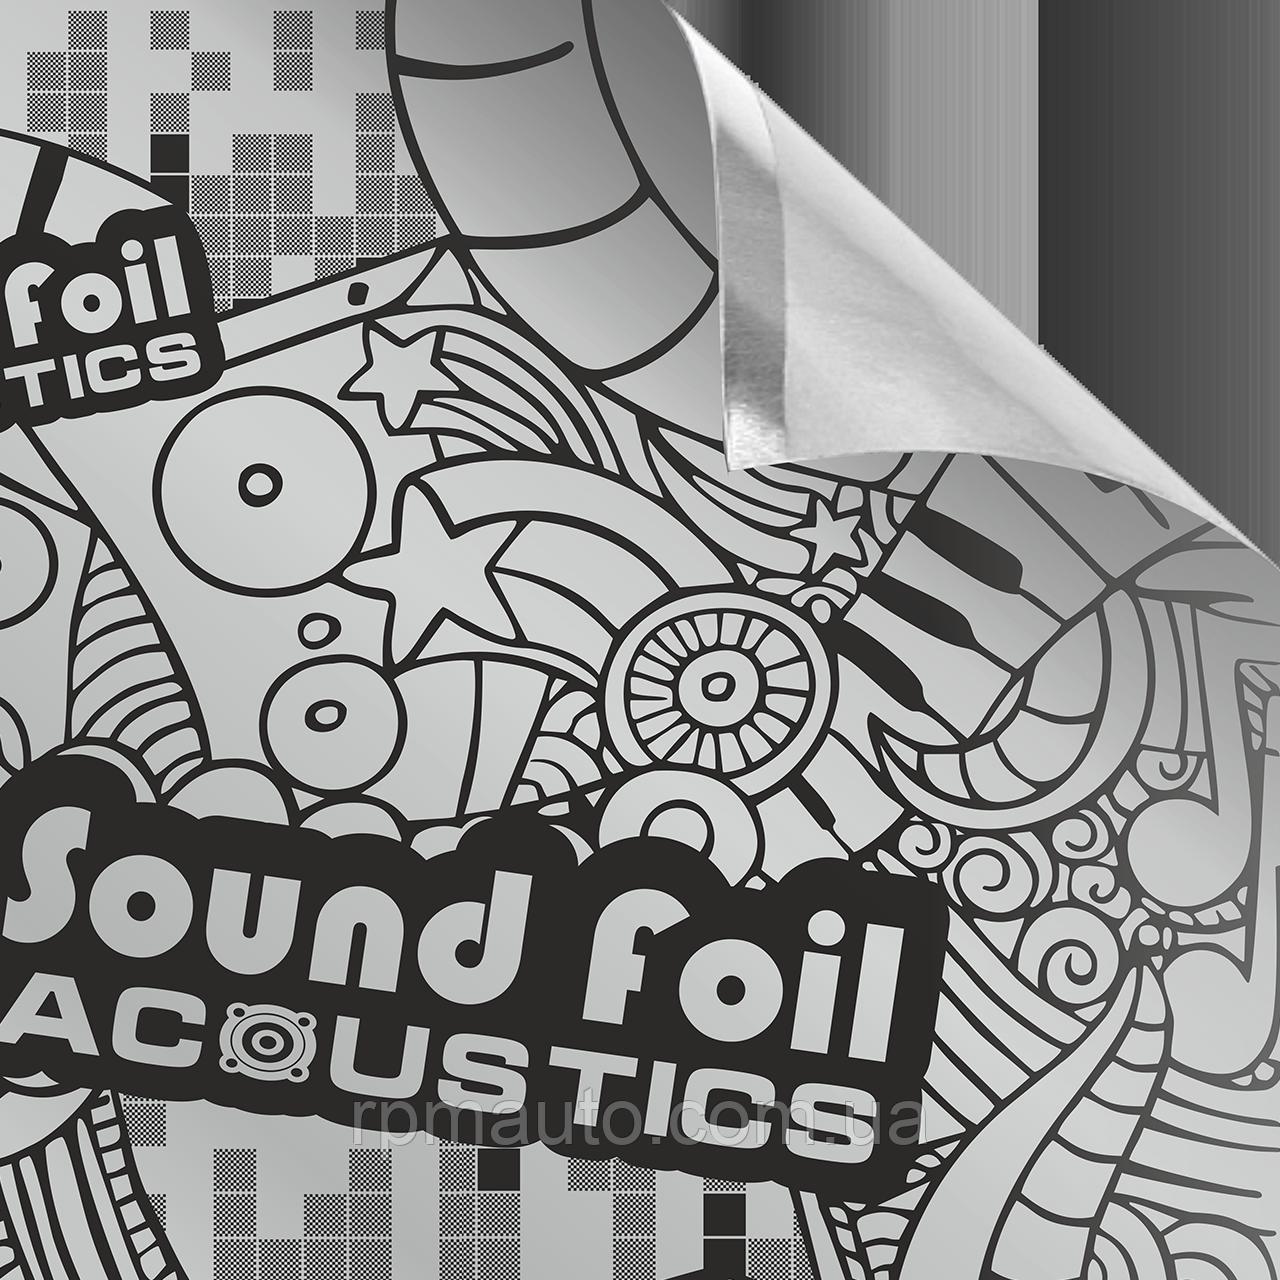 Шумоізоляція Авто ACOUSTICS SOUND FOIL 50х70мм Обесшумка Віброізоляція Шумка Шумоізоляція Виброшумоизоляция